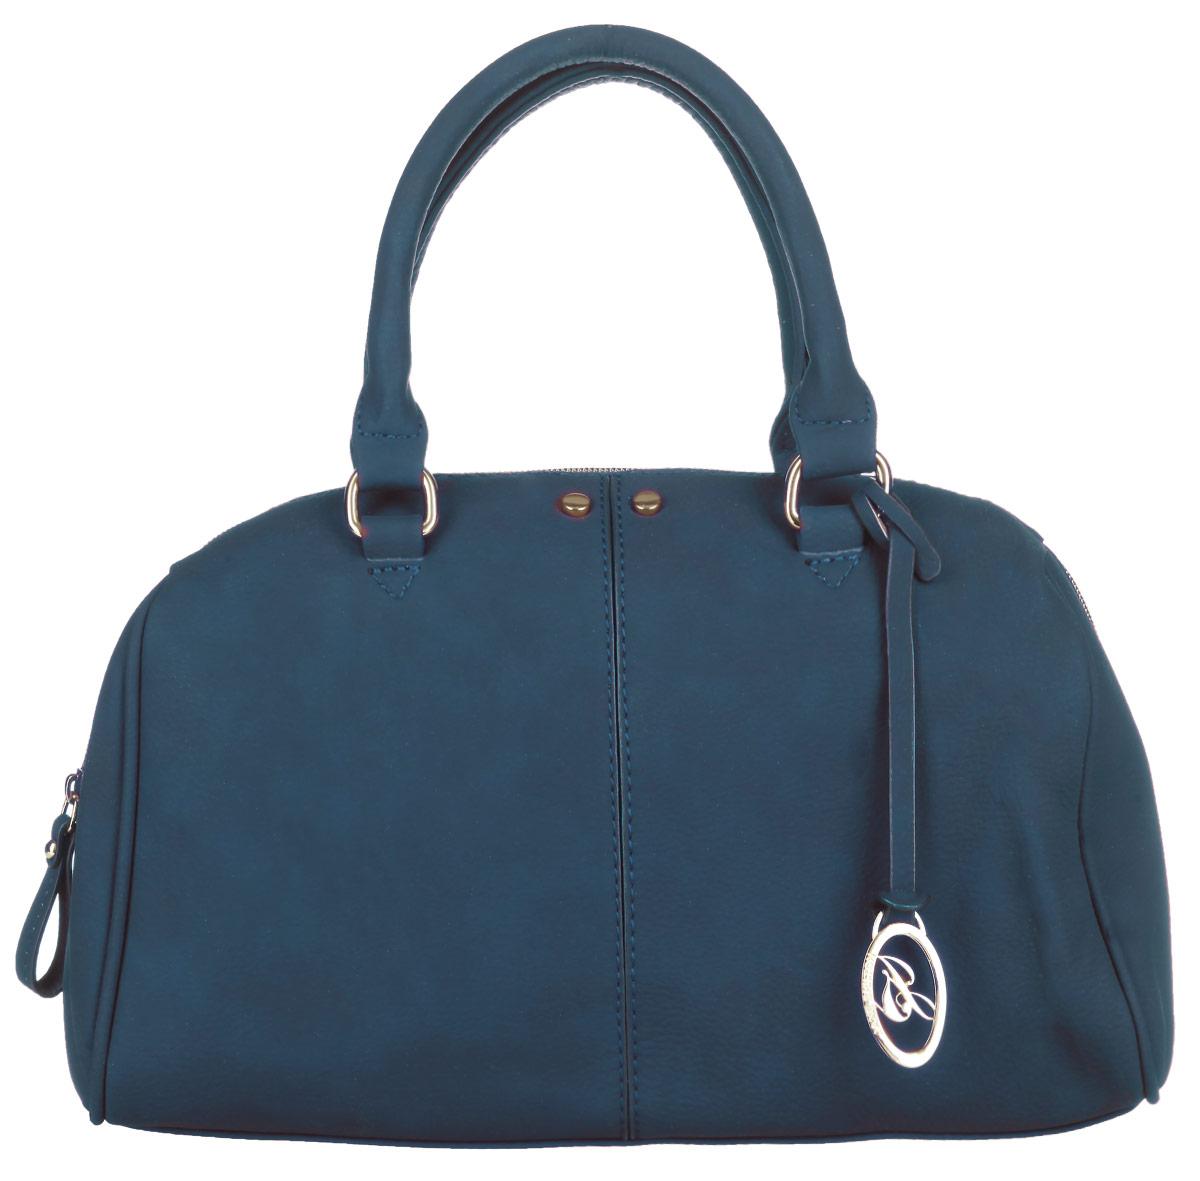 Сумка женская Jane Shilton, цвет: зеленый. 19341934greenСтильная сумка Jane Shilton выполнена из искусственной кожи с зернистой фактурой, оформлена подвеской и металлической фурнитурой с символикой бренда. Сумка содержит одно отделение, которое закрывается на застежку-молнию. Внутри изделия расположены: врезной карман на застежке-молнии, три накладных кармана, один из которых на молнии, а другой закрывается на кнопку. Снаружи, в тыльной стенке сумки, размещен врезной карман на молнии. Изделие оснащено съемным плечевым ремнем и двумя практичными ручками, которые позволят носить изделие, как в руках, так и на плече. Оригинальный аксессуар позволит вам завершить образ и быть неотразимой.